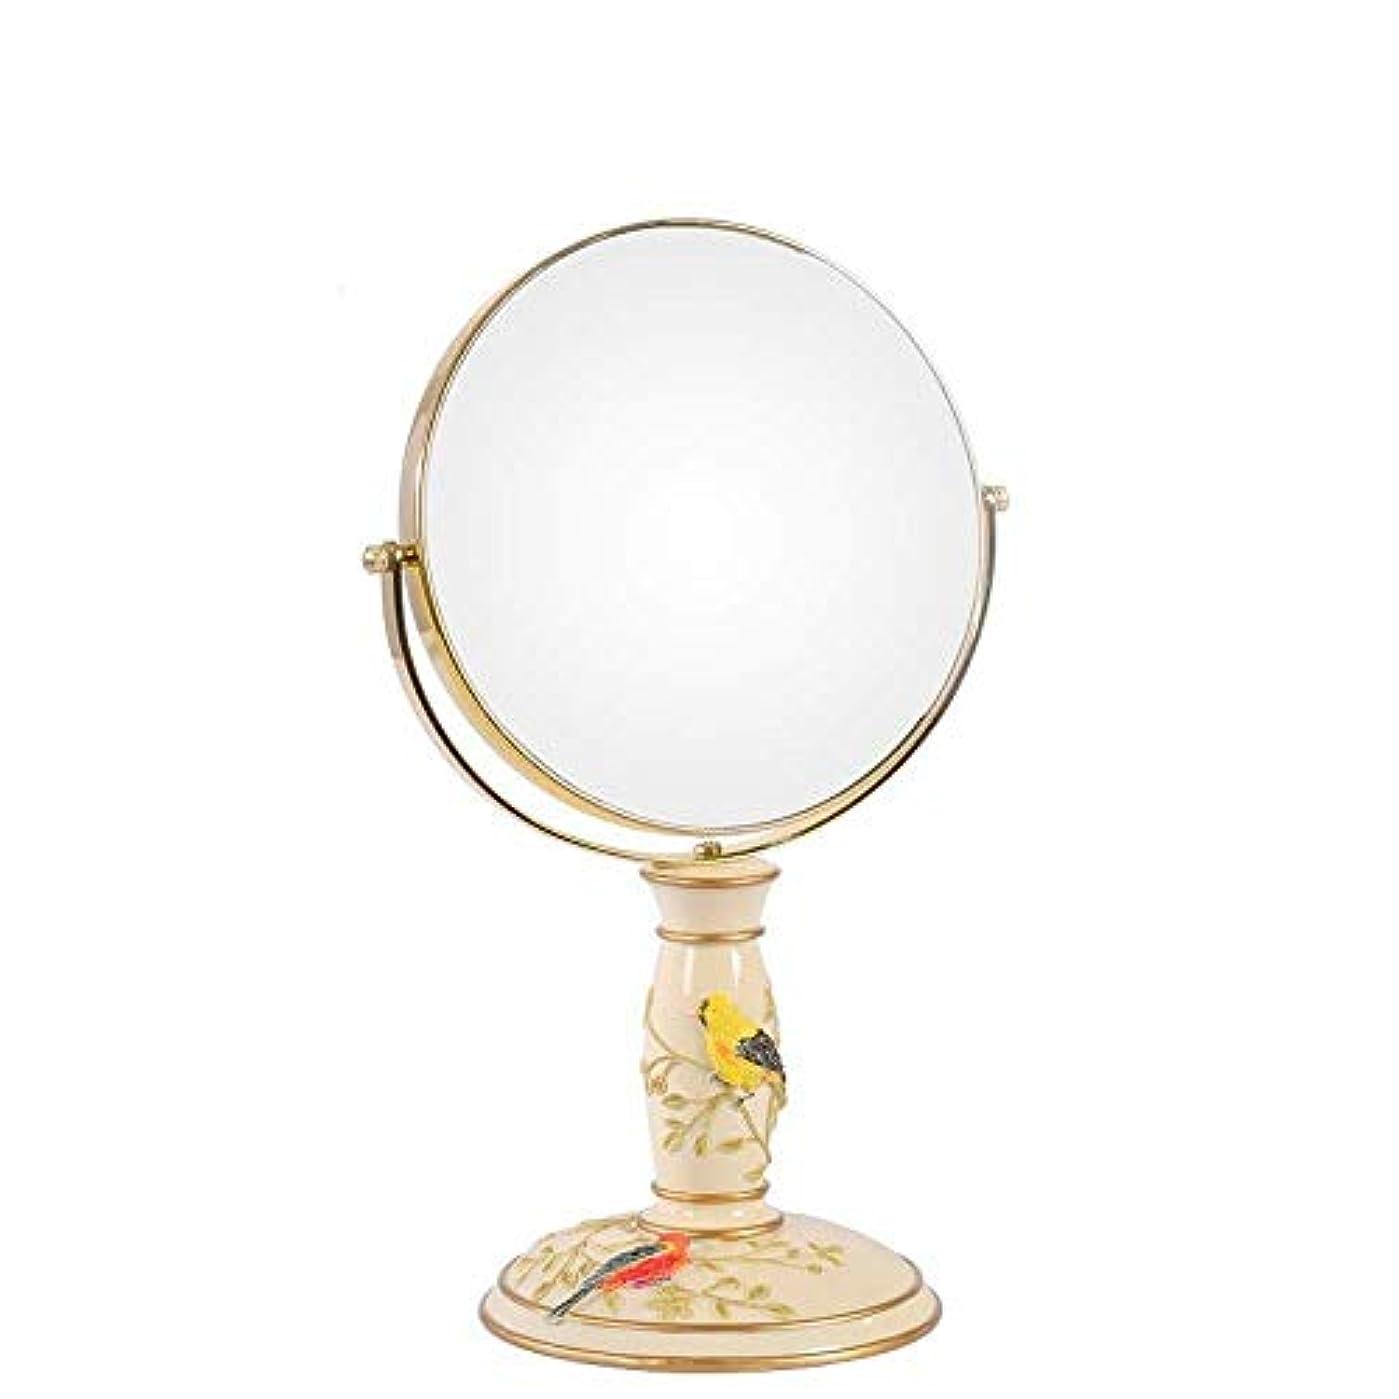 現れる帝国計画流行の ビンテージ化粧鏡、鏡360°回転スタンド、倍率1倍、3倍、ラウンドダブル両面回転化粧鏡